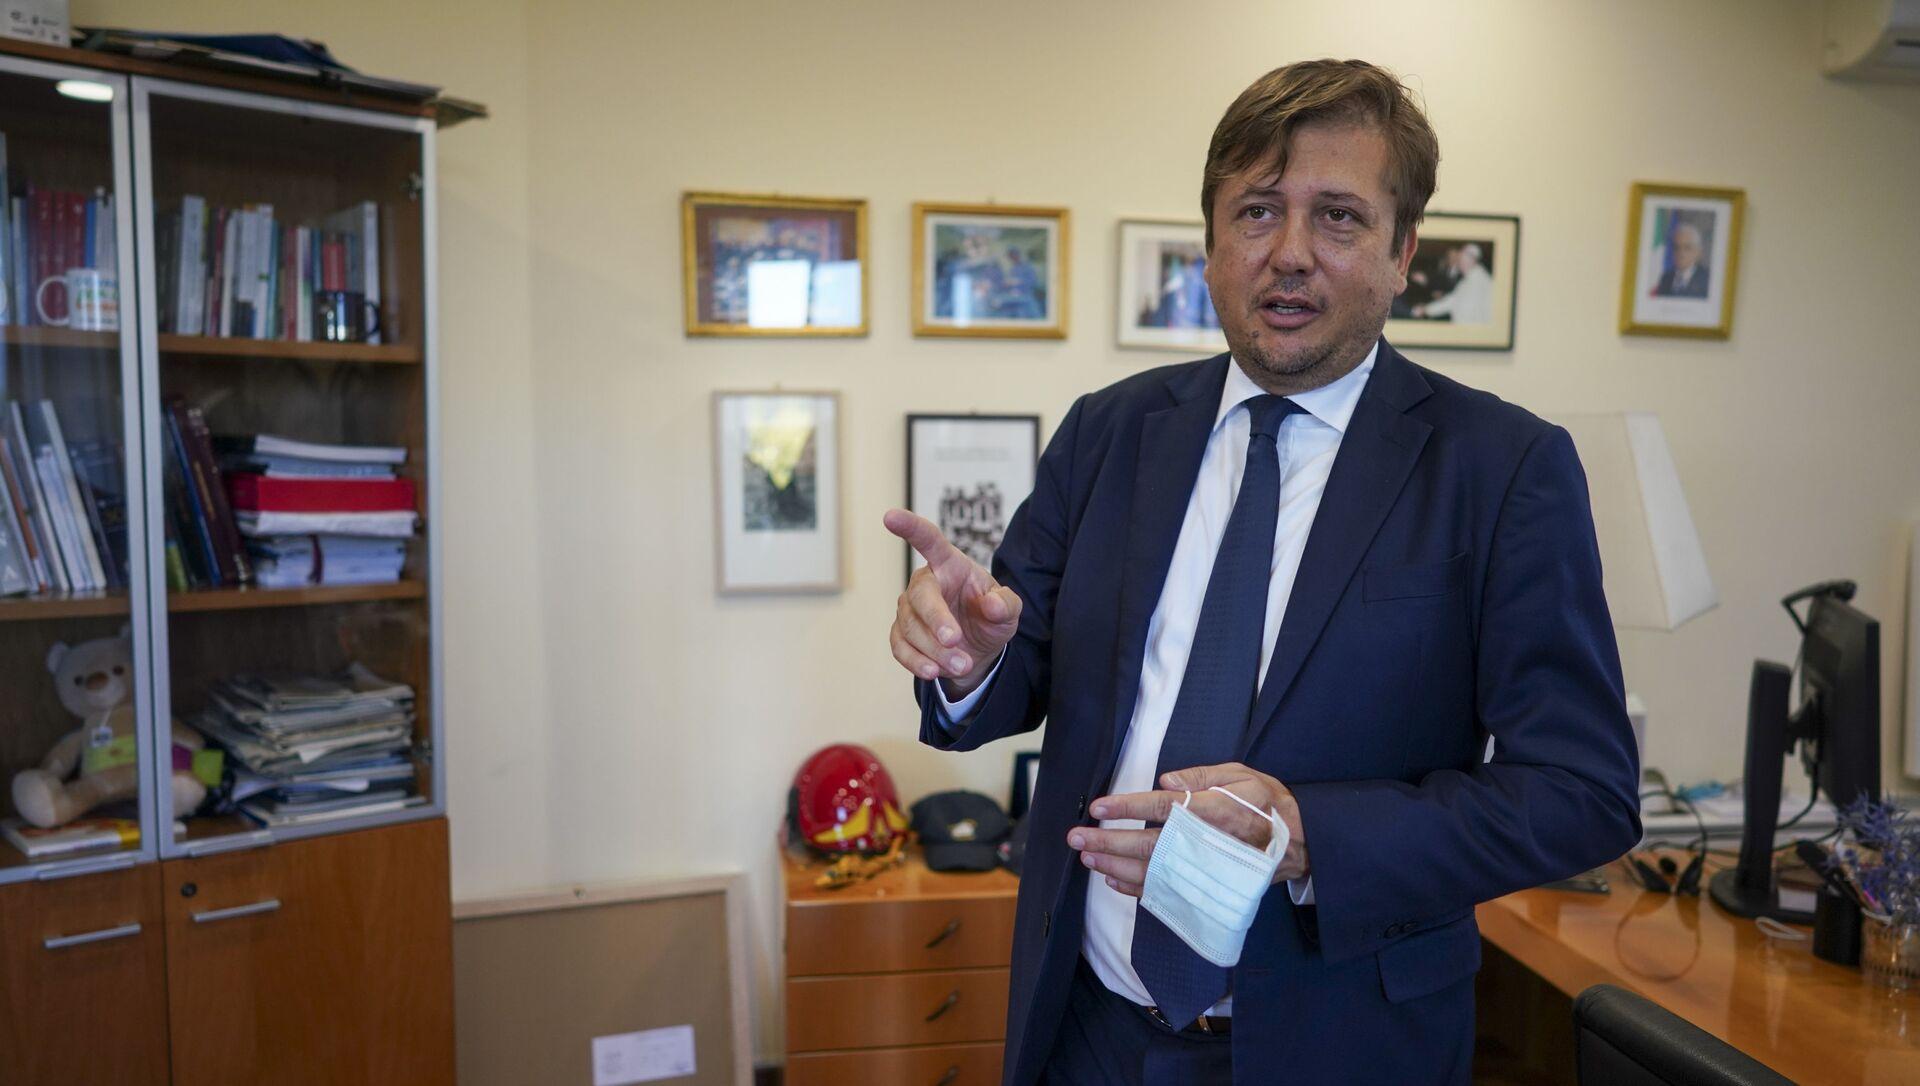 Covid, Sileri spezza una lancia a favore dei ristoranti: riaprire di pari passo con le vaccinazioni - Sputnik Italia, 1920, 02.02.2021